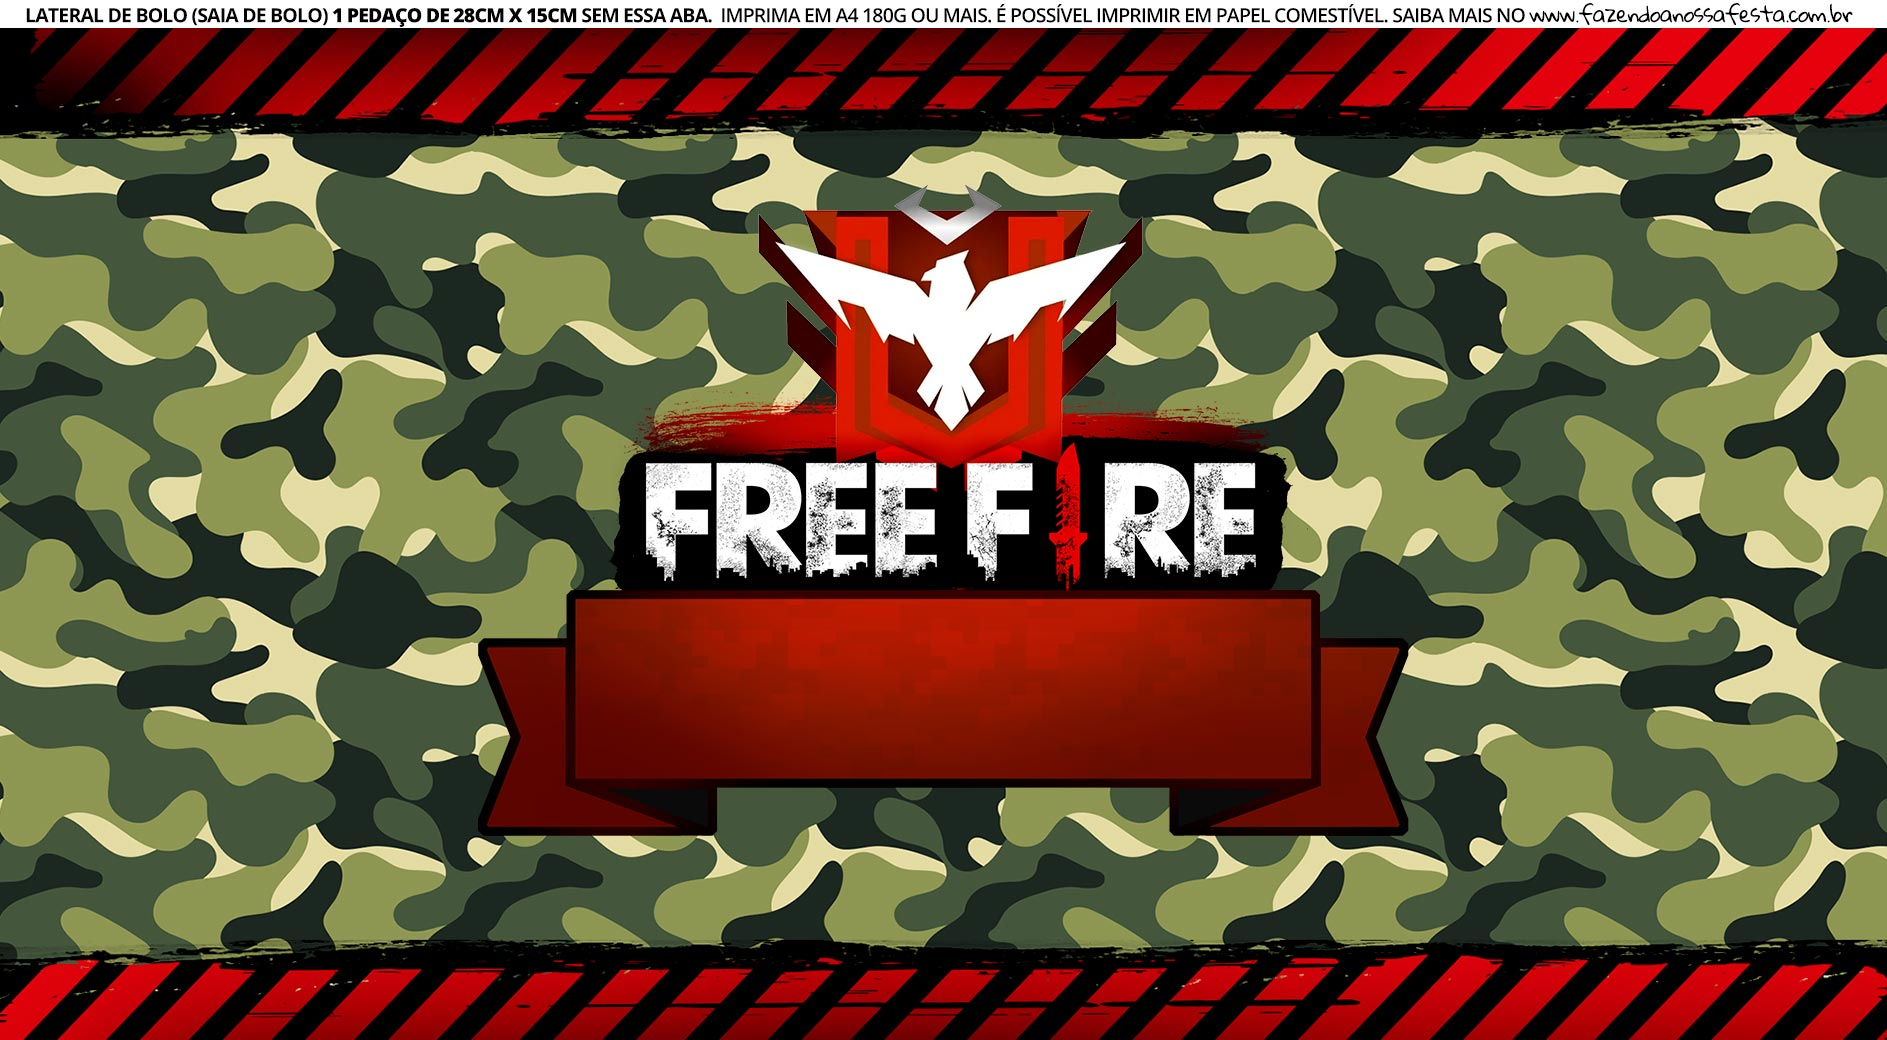 Saia de Bolo Free Fire 2